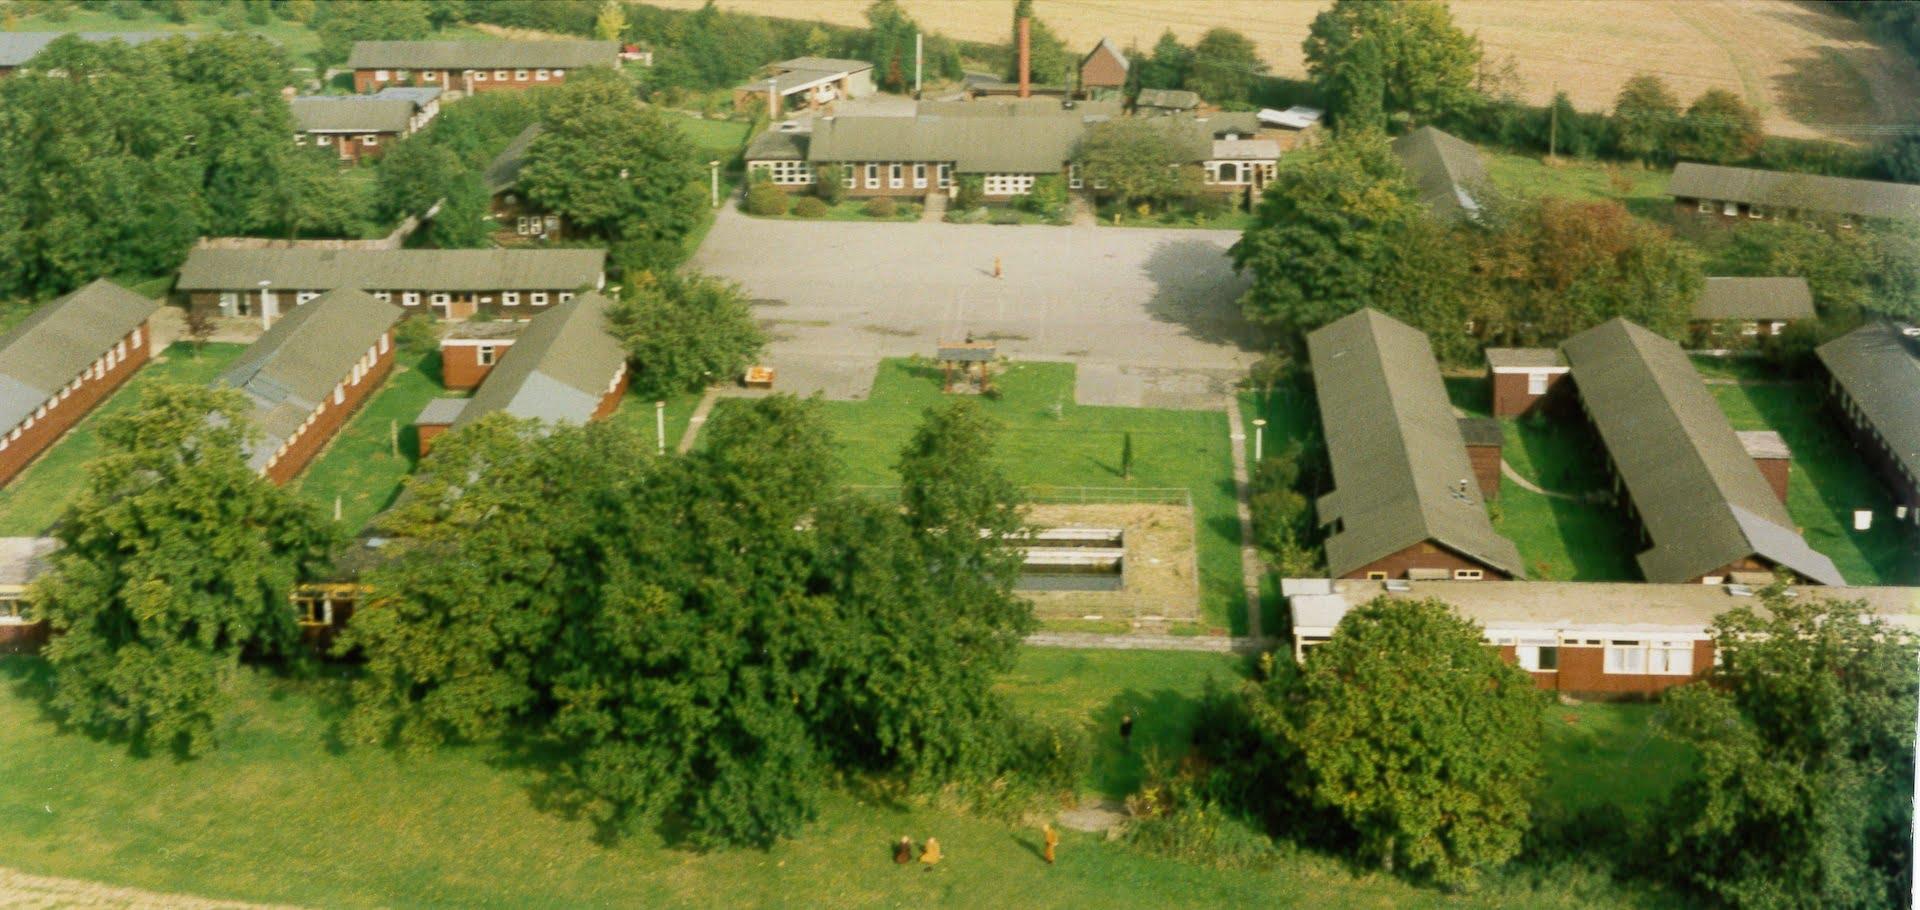 Amaravati in the 1980s - aerial view